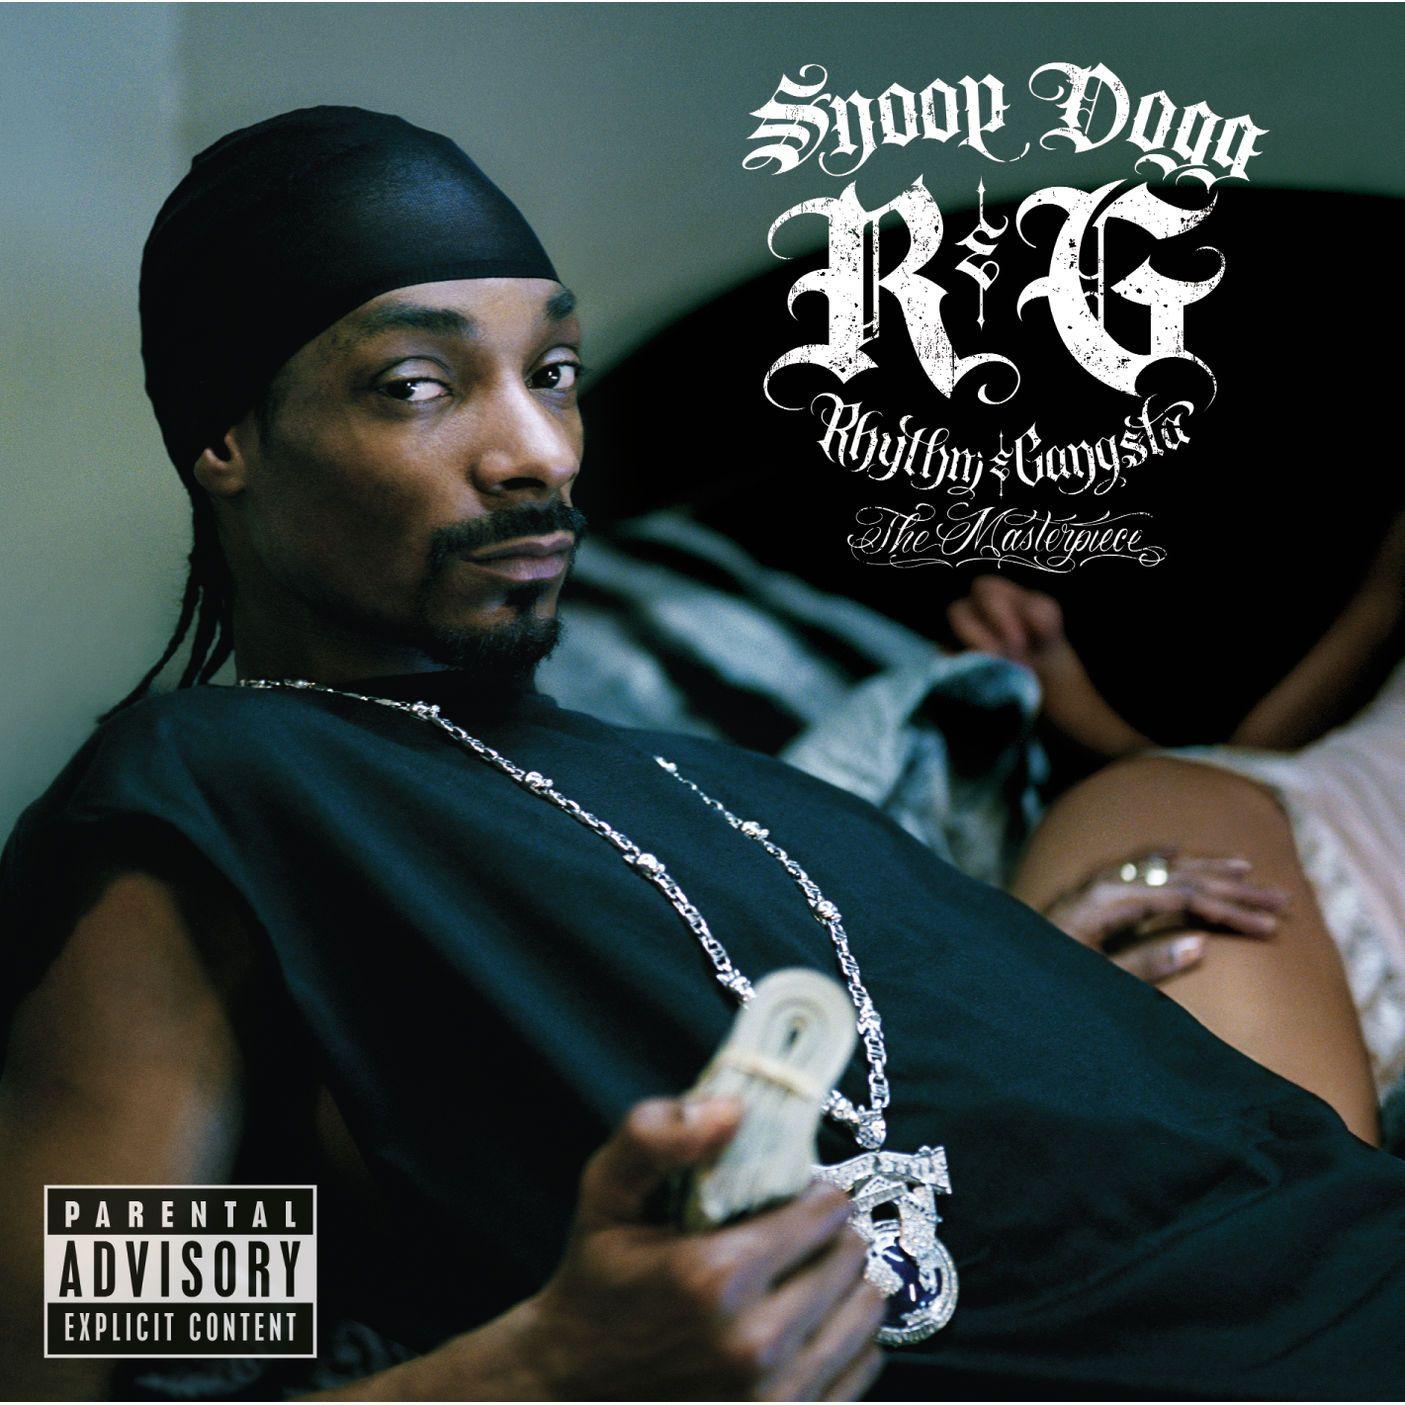 Snoop Dogg - R&g (rhythm & Gangsta): The Masterpiece album cover